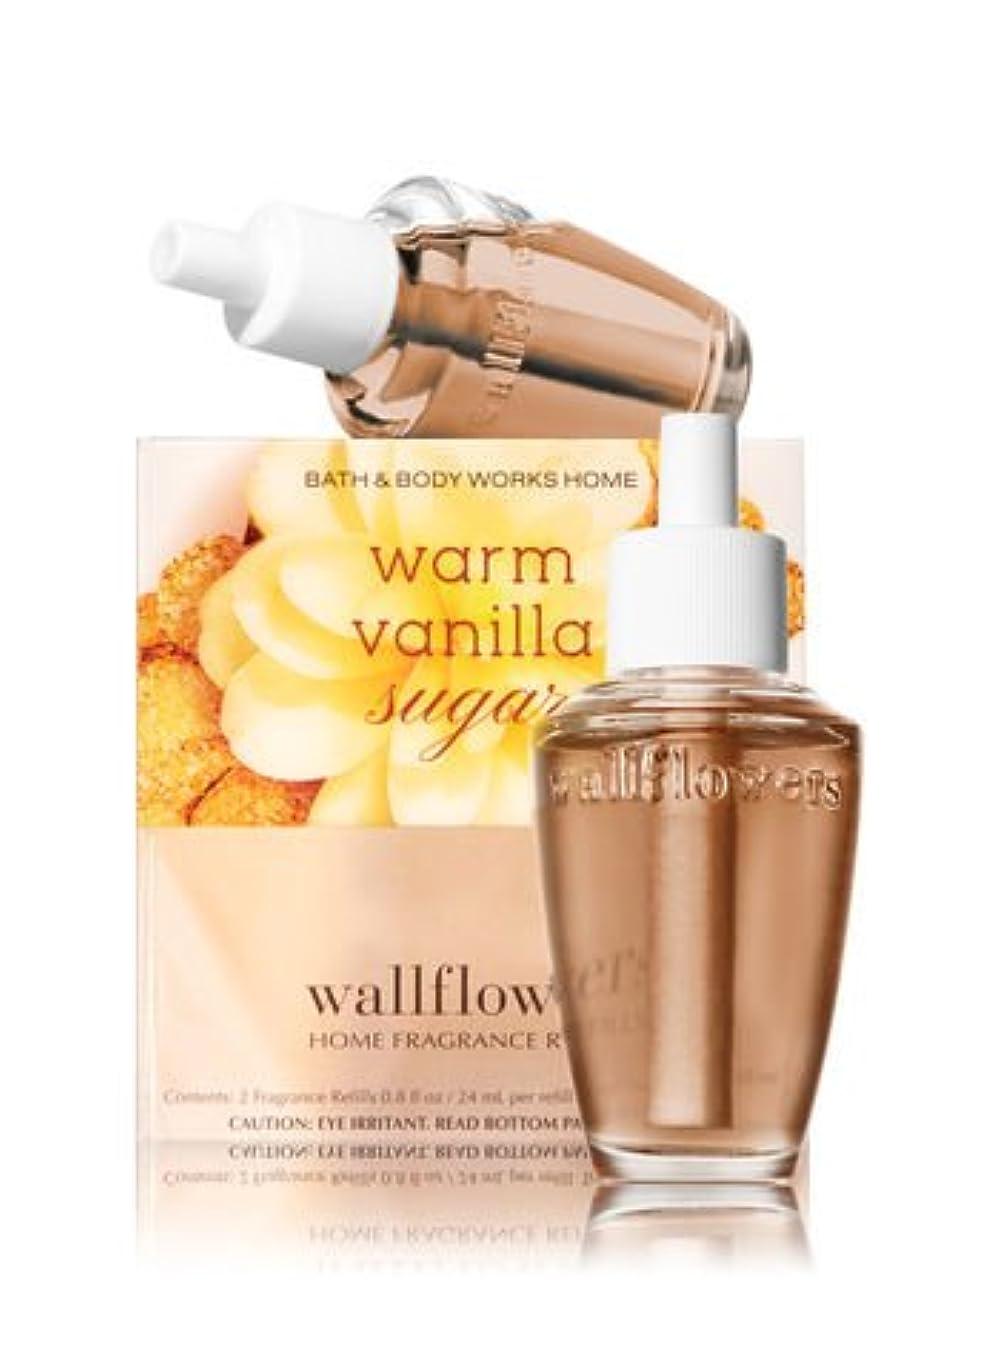 愛撫アデレードタップ【Bath&Body Works/バス&ボディワークス】 ルームフレグランス 詰替えリフィル(2個入り) ウォームバニラシュガー Wallflowers Home Fragrance 2-Pack Refills Warm Vanilla Sugar [並行輸入品]